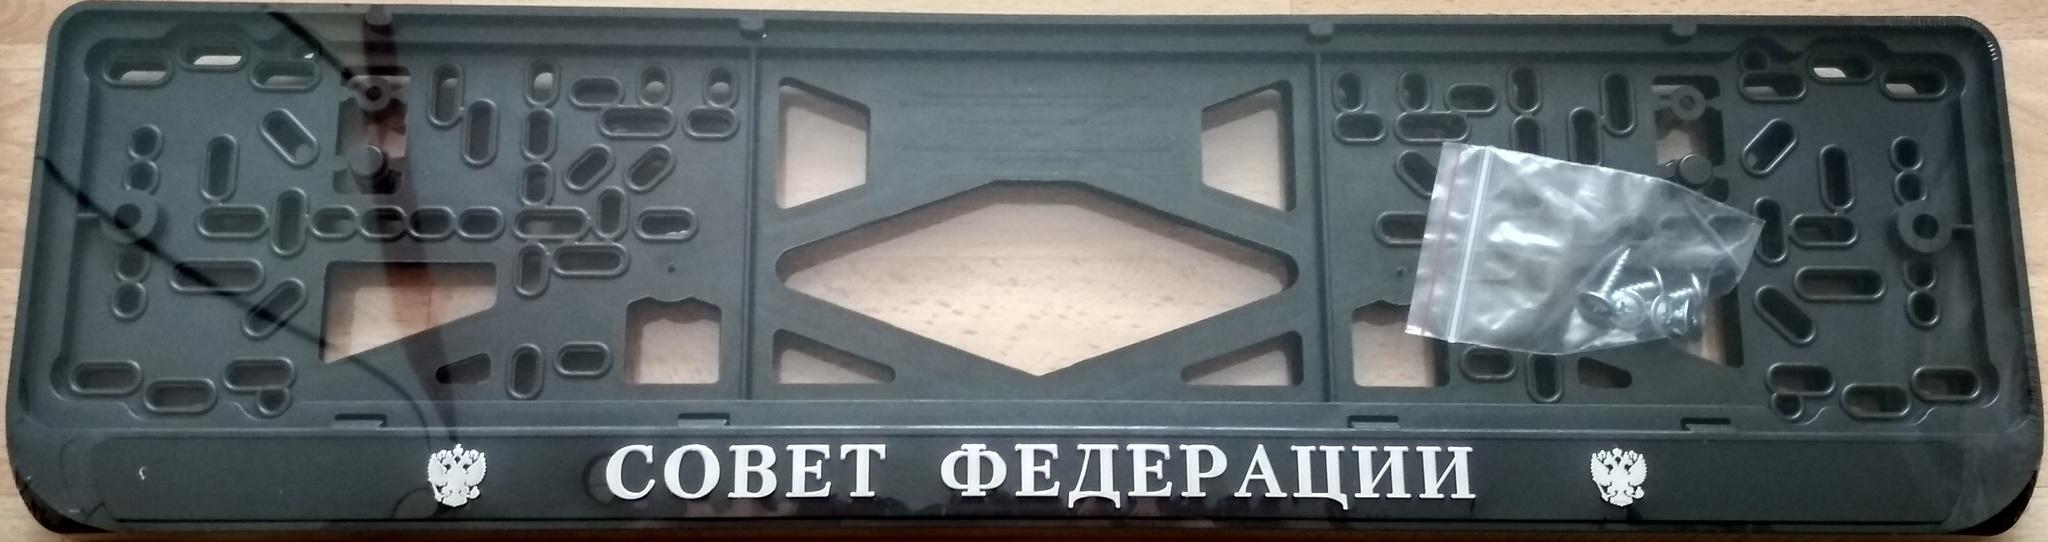 Рамки под номерной знак пластиковые с рельефными буквами Совет Федерации (2 шт.)